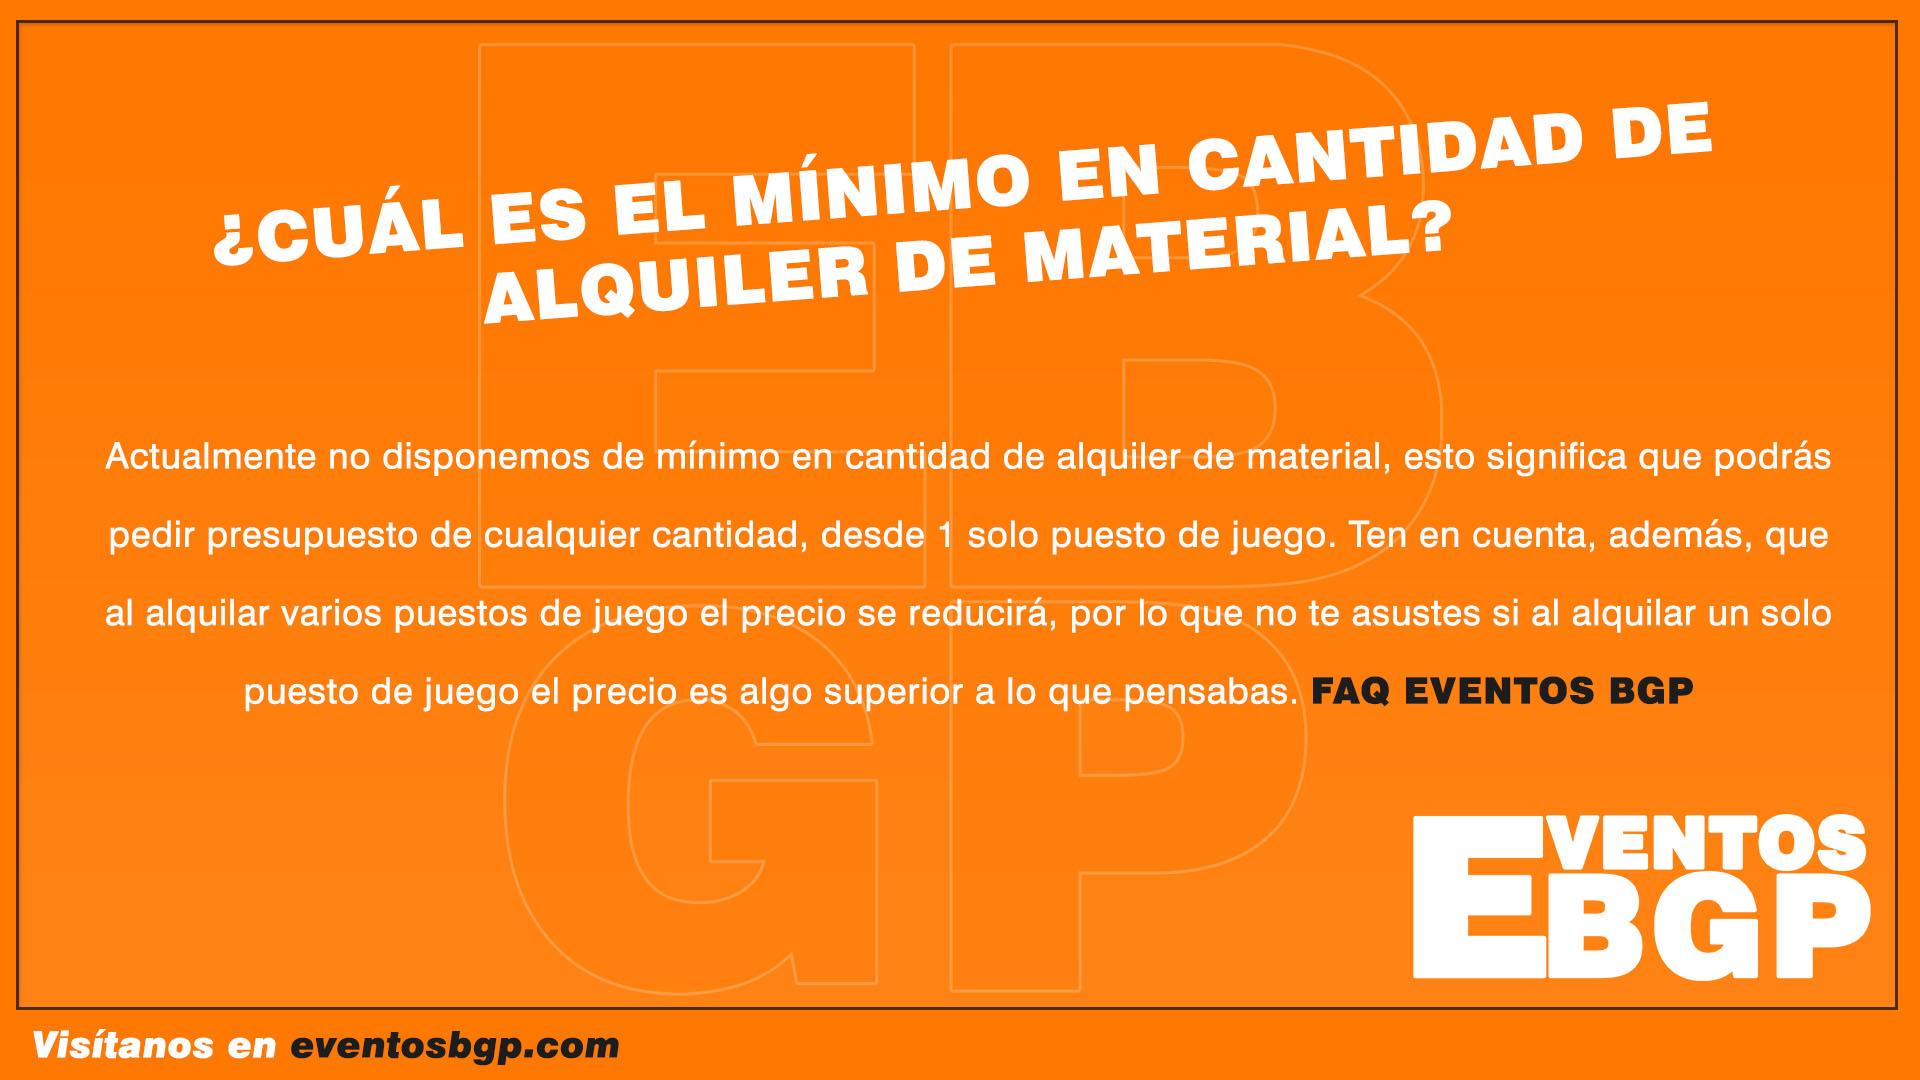 FAQ: ¿Cuál es el mínimo en cantidad de alquiler material? | Eventos BGP